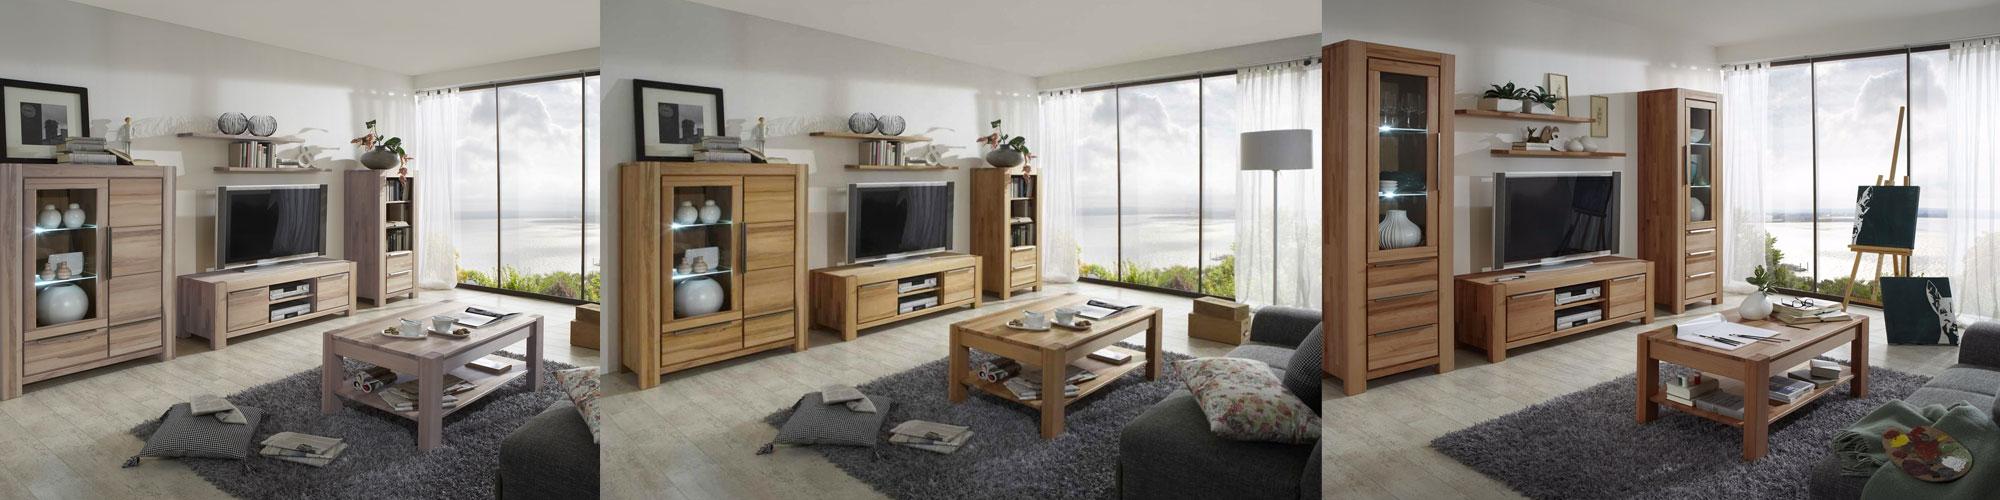 Massivholz Wohnzimmer Nena von Elfo